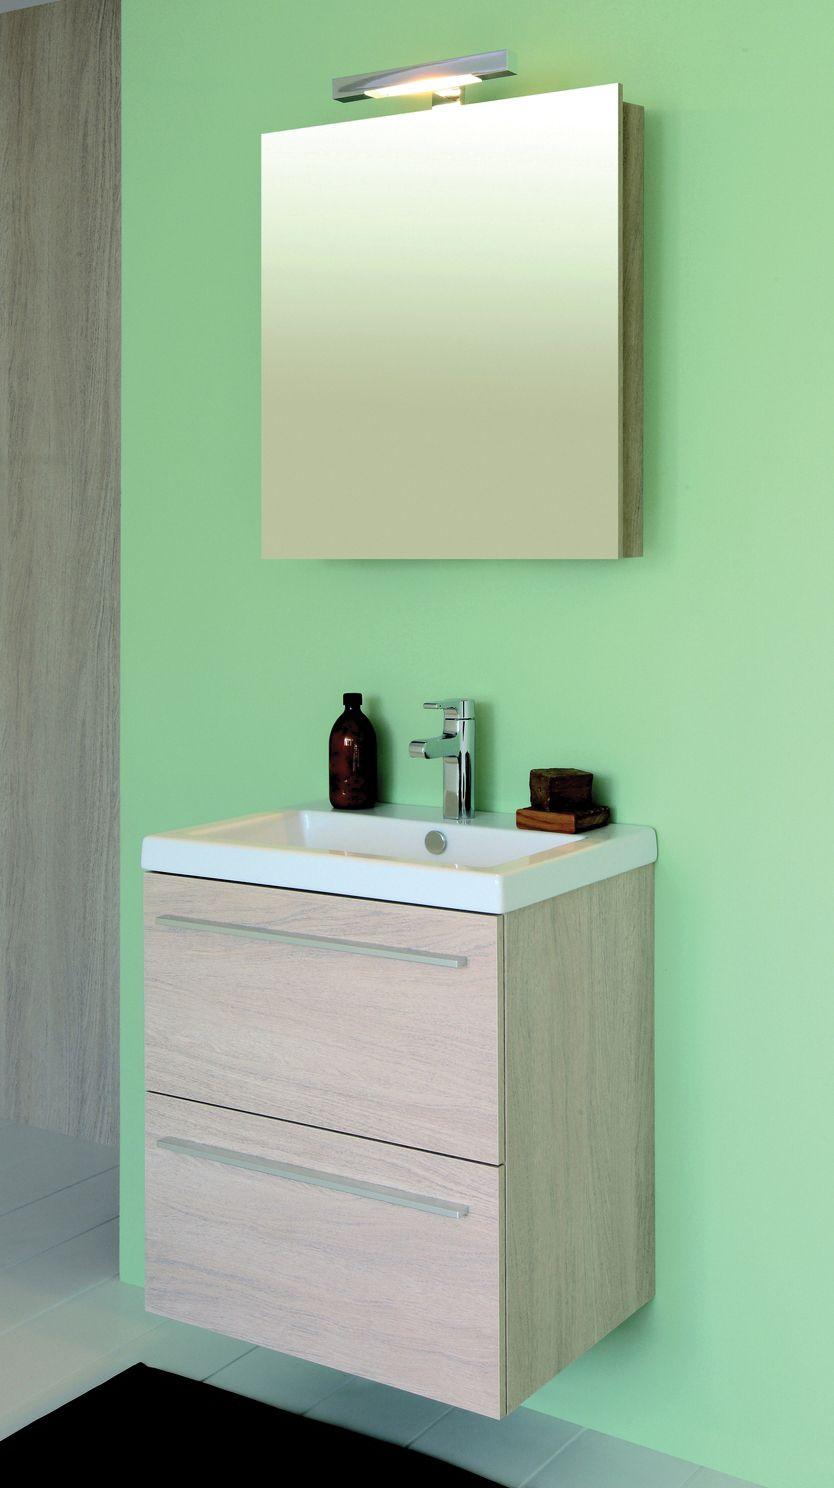 Meuble vasque salle de bain sanijura Meuble vasque pour petite salle de bain